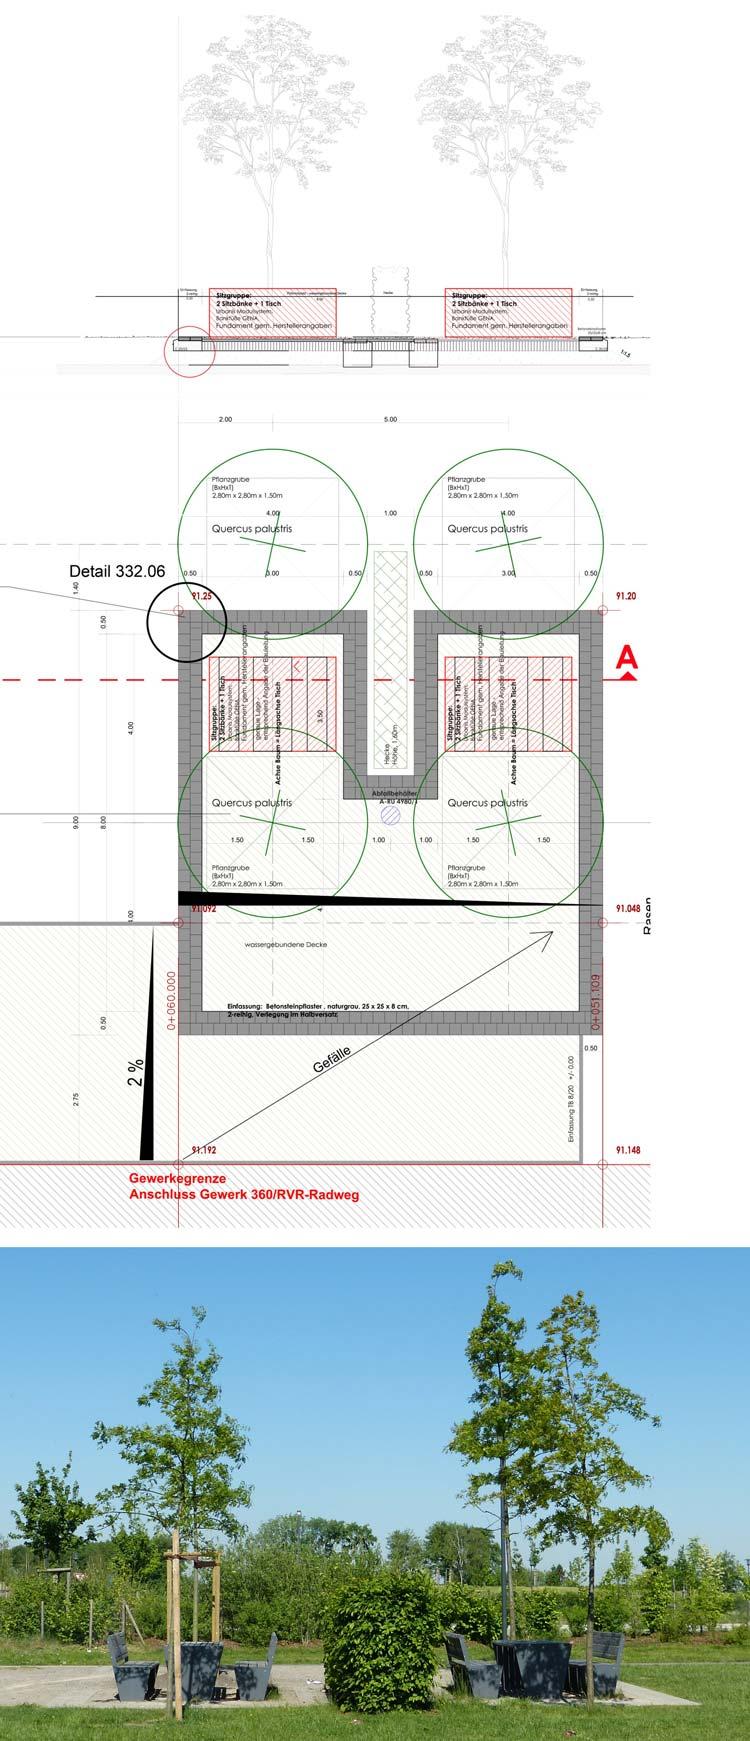 Picknickplatz Freiraumgestaltung Ehemalige Schachtanlage Schlägel & Eisen 3/4/7 Herten - Planquadrat Dortmund